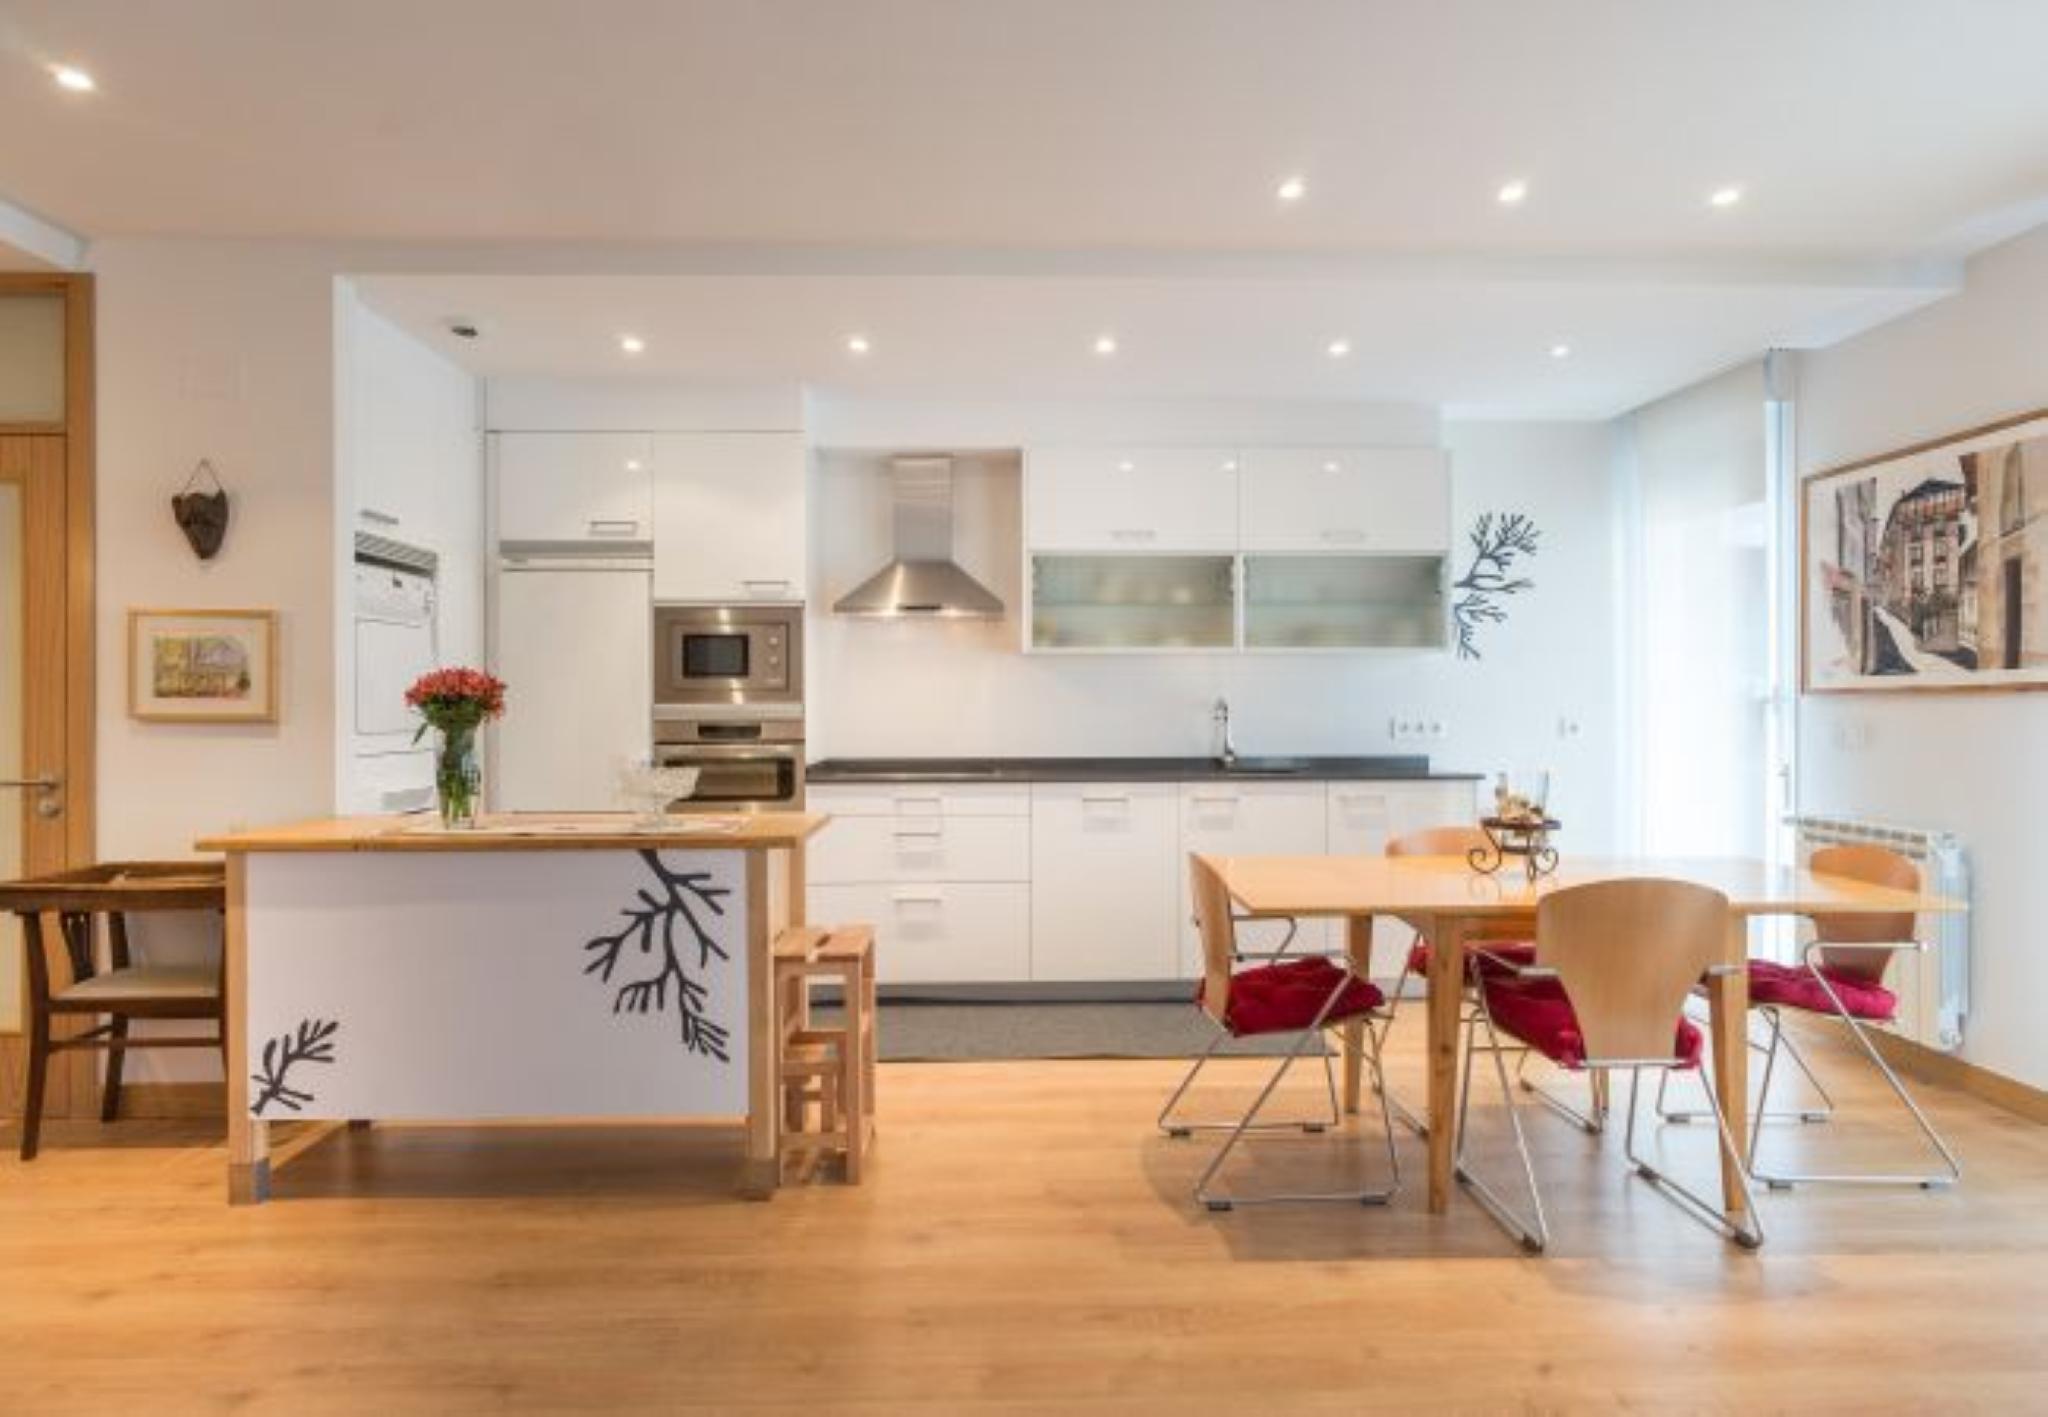 107962 - Apartment in Donostia